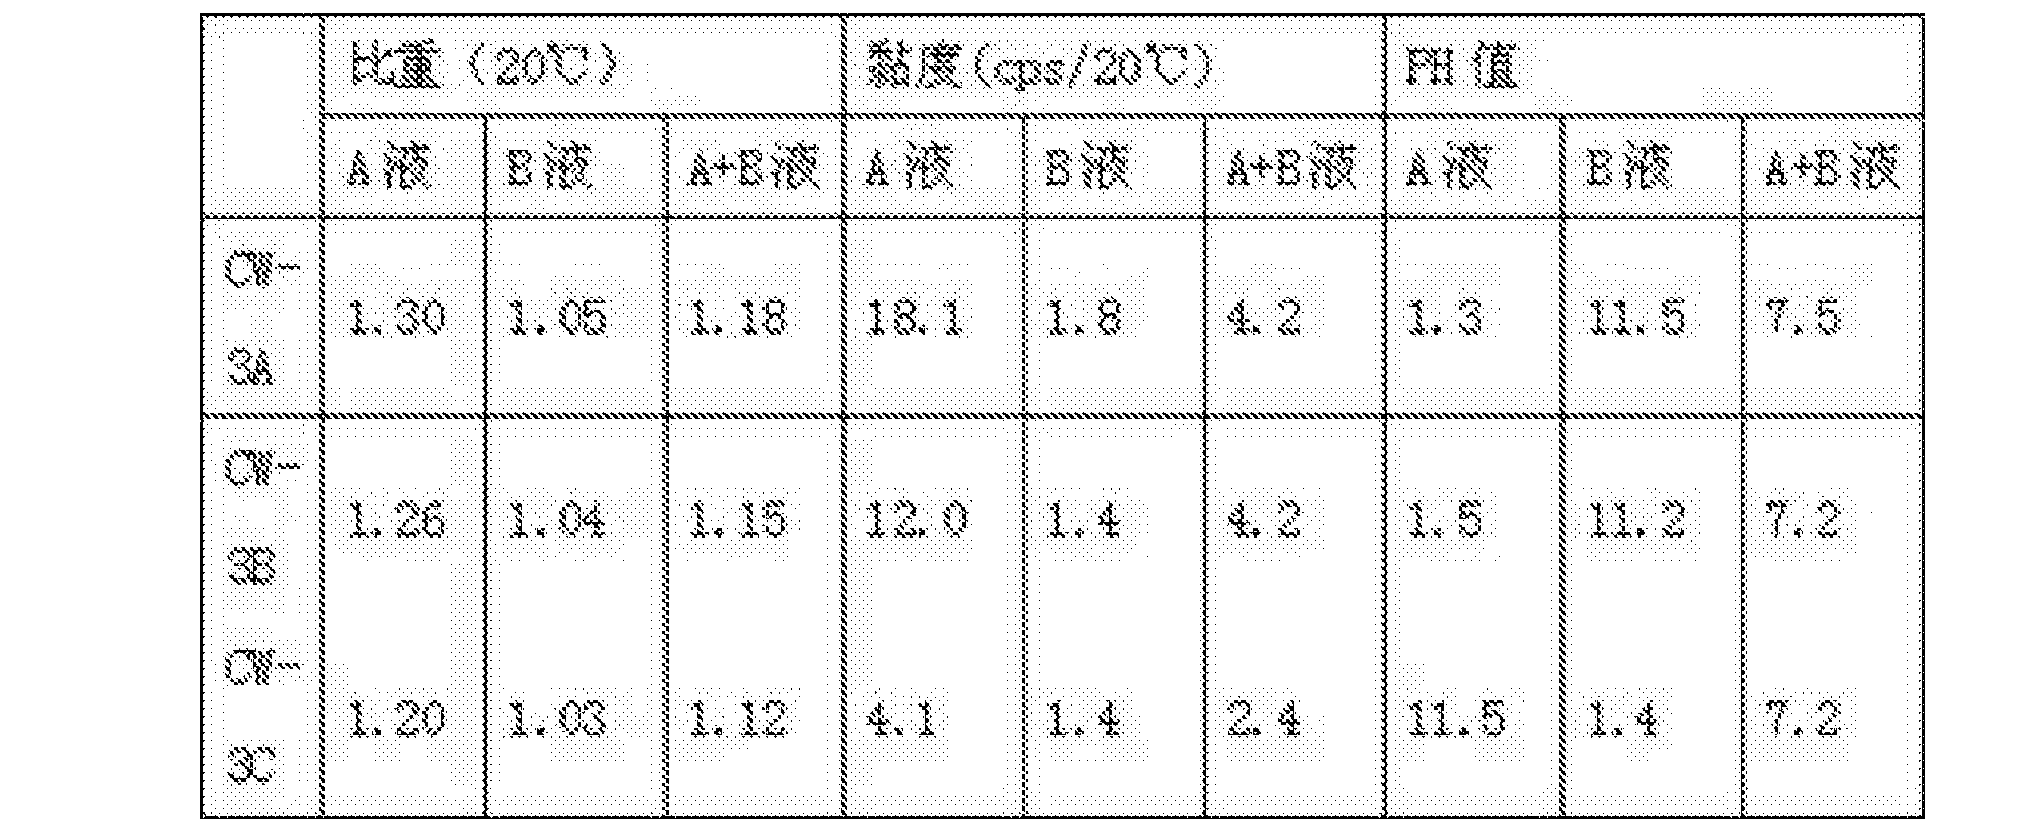 Figure CN107339108AC00031